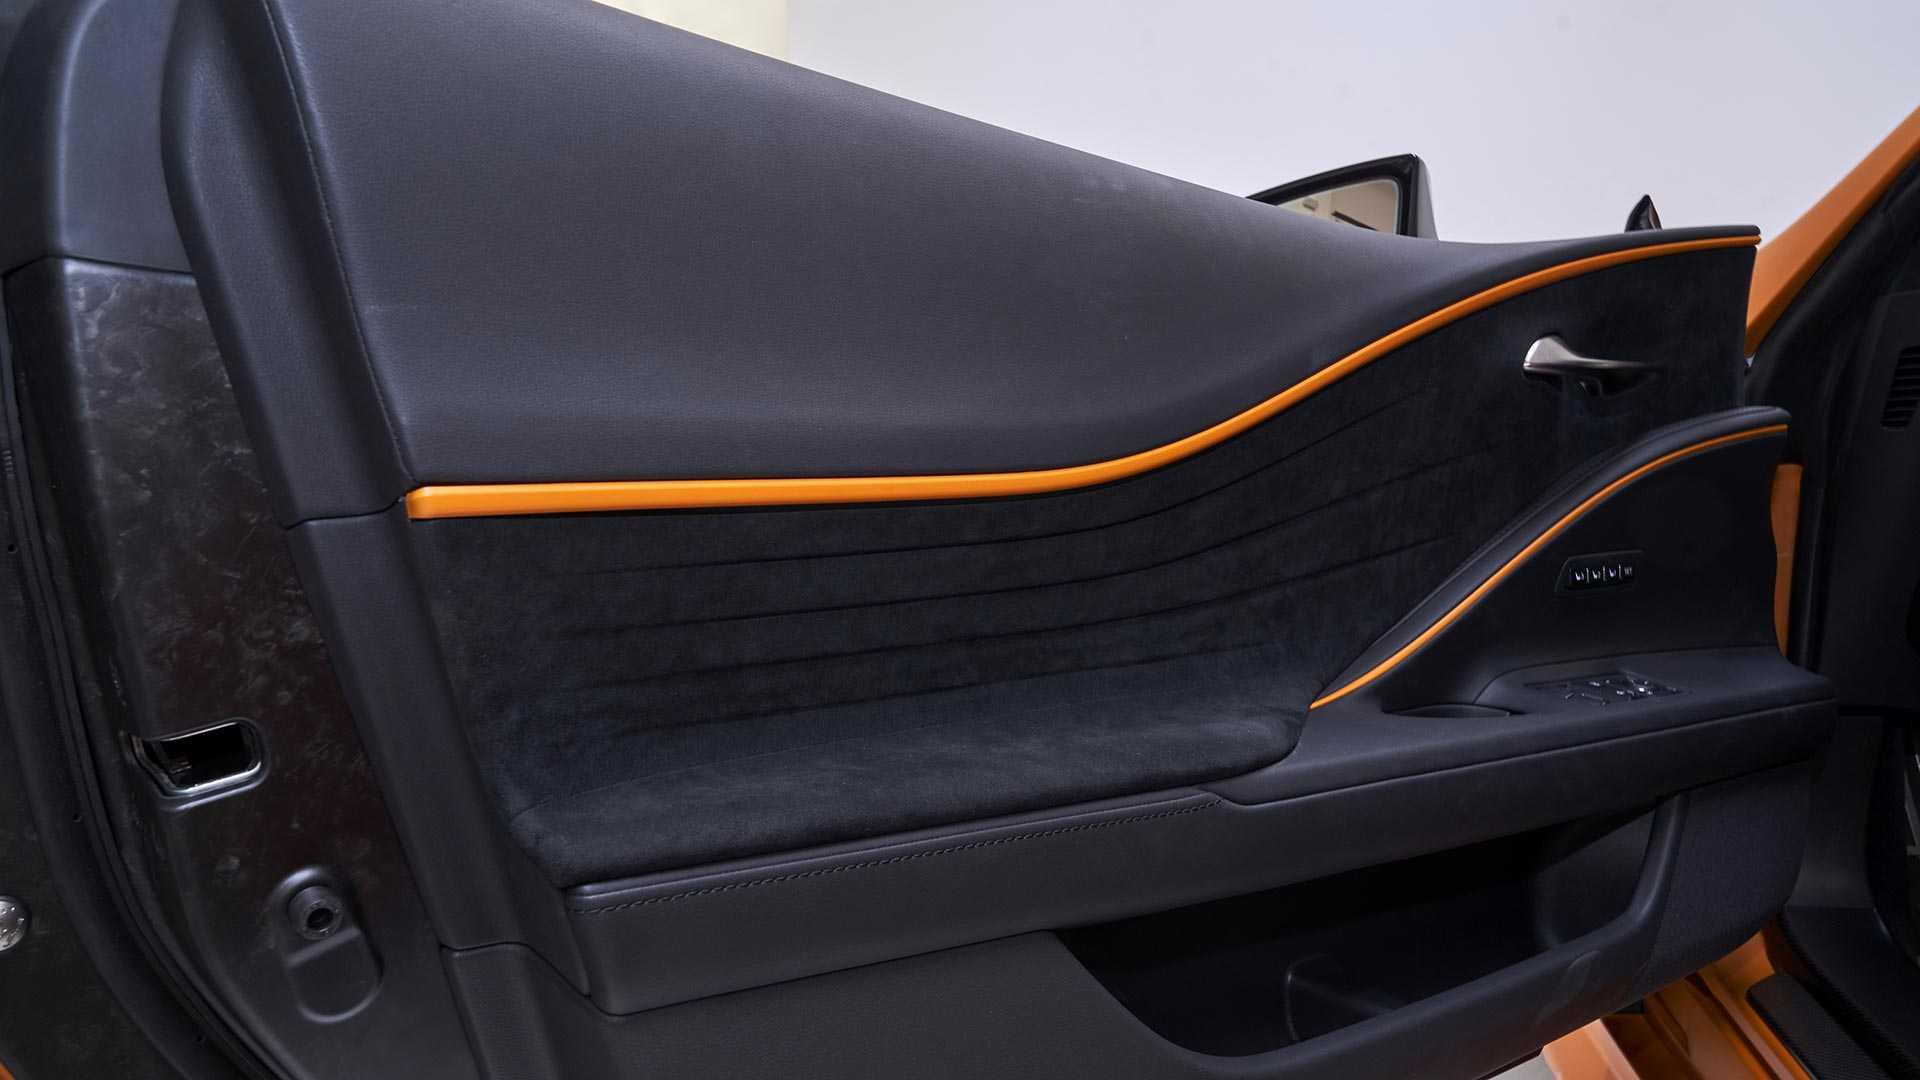 lexus-lc-500h-matte-prototype-space-orange-11